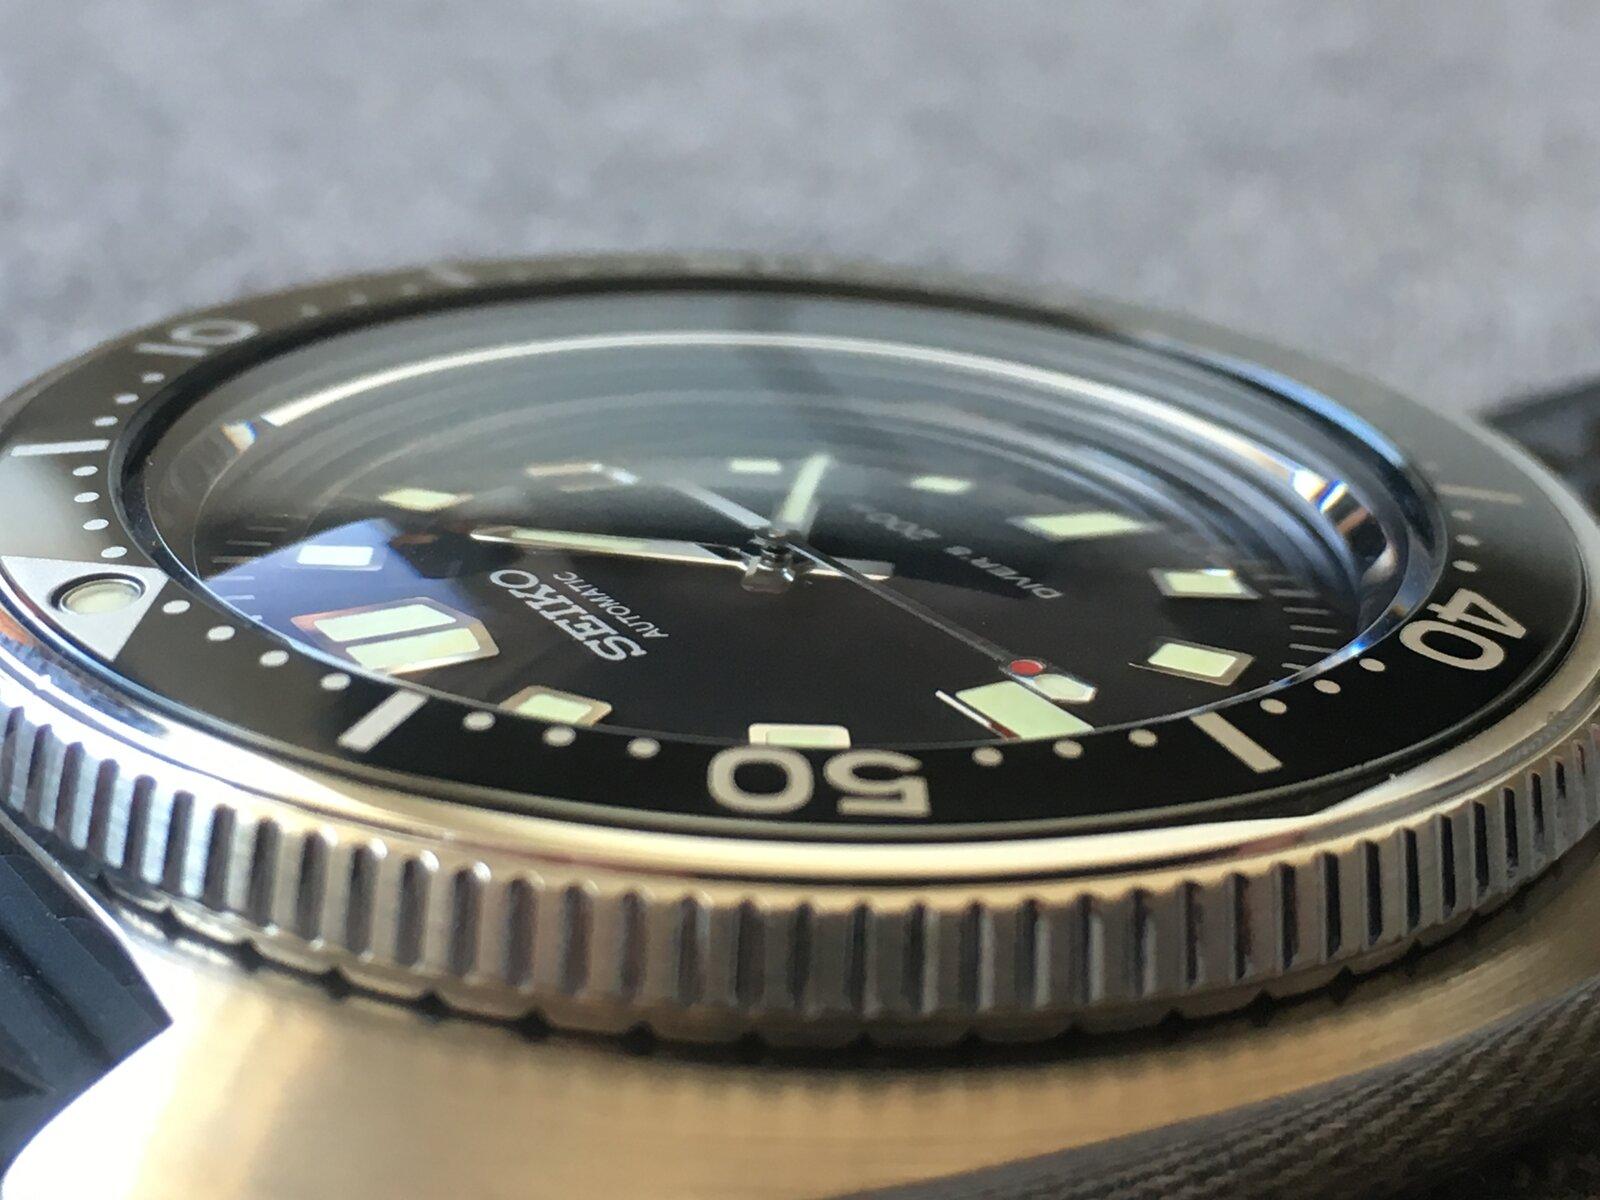 EE03FD0A-1367-472D-B7F9-4DA7C897555F.